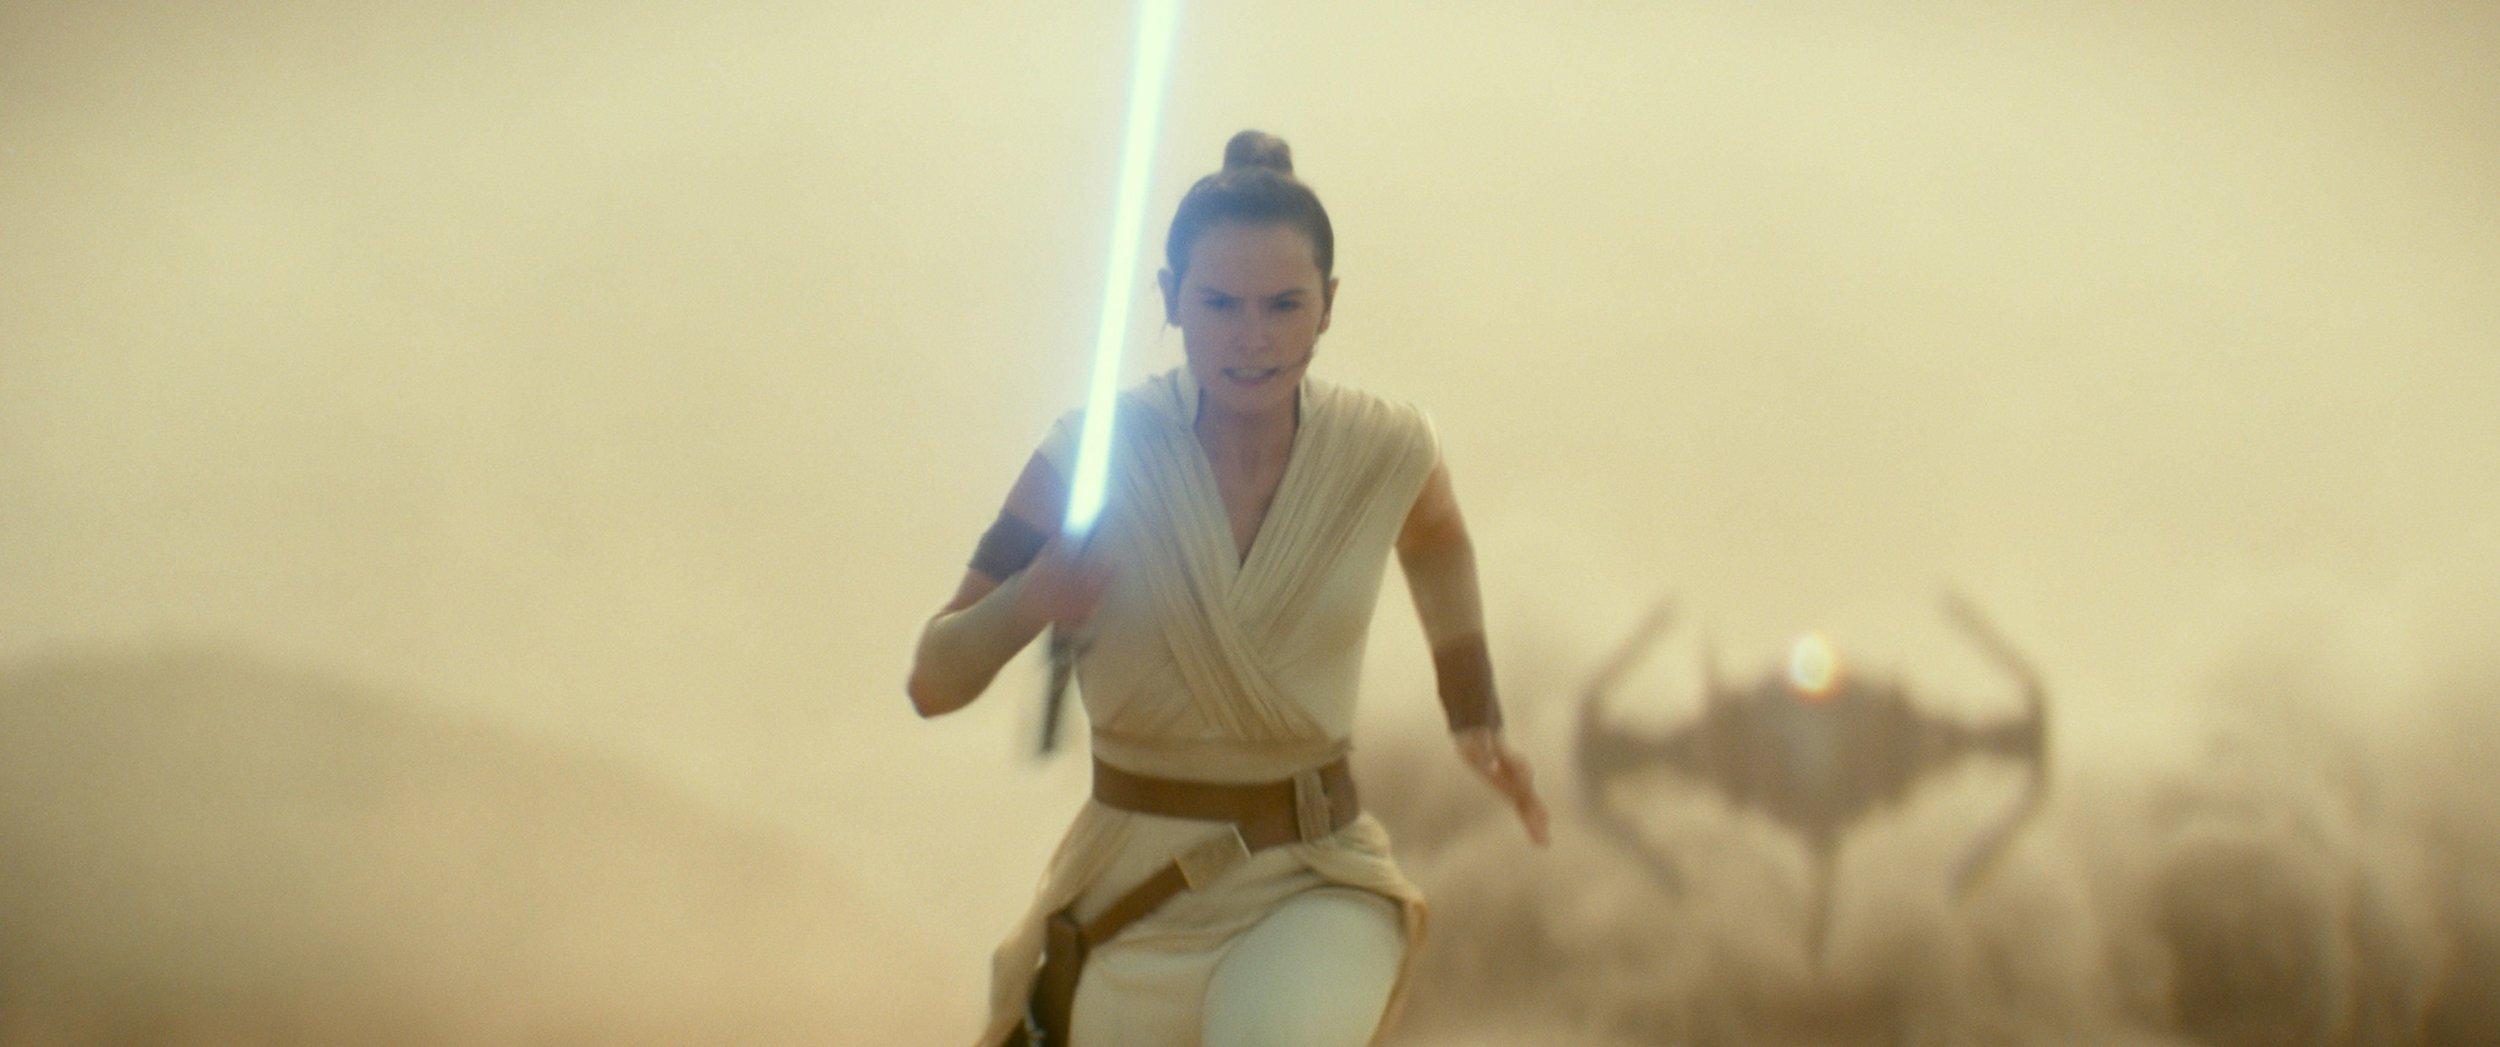 star-wars-episode-9-rey-lightsaber.jpg